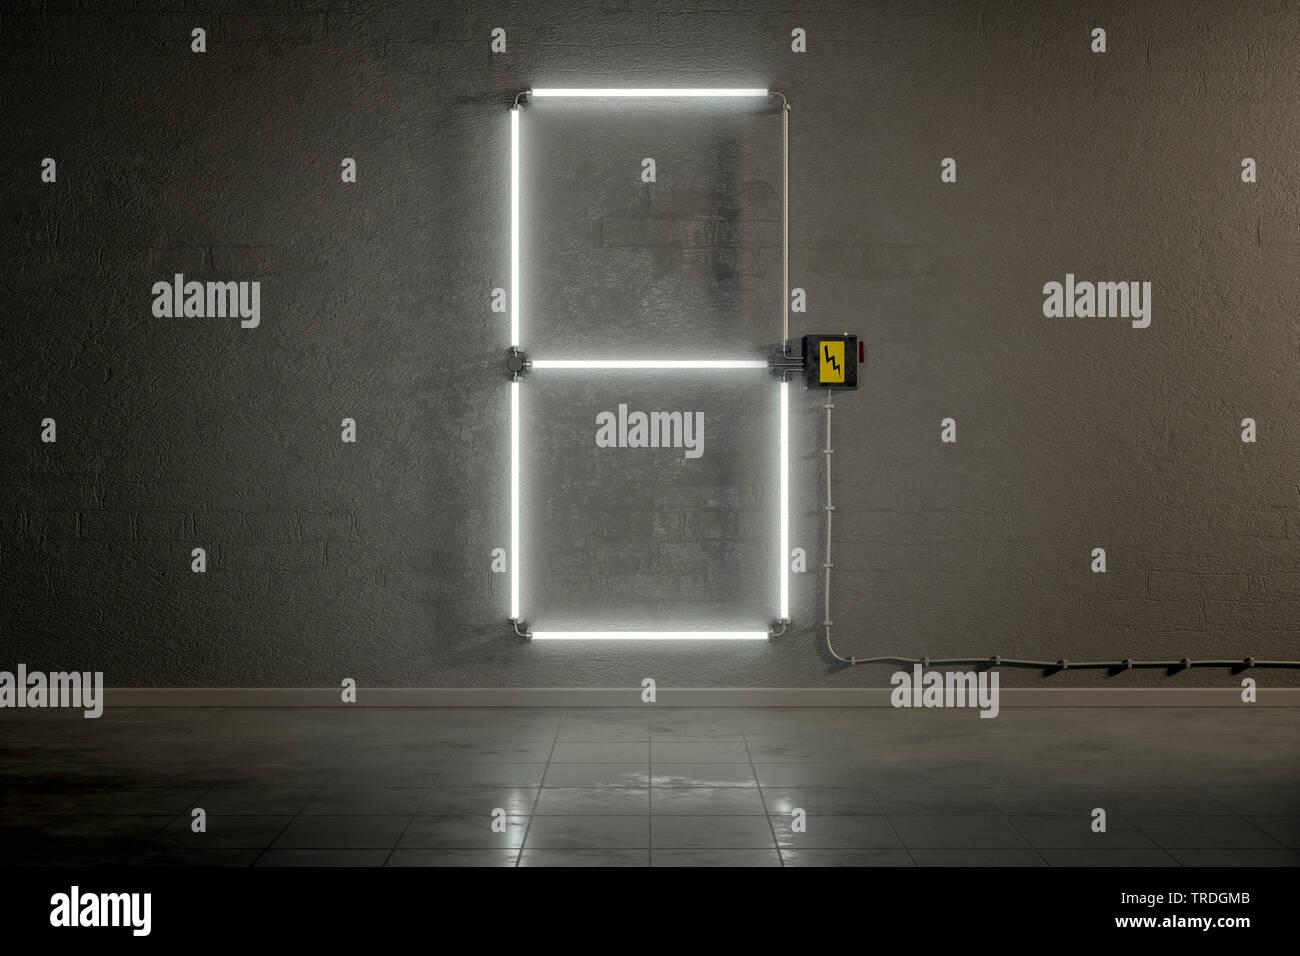 3D-Computergrafik, Einstellige Zaehler-Anzeige aus Neonlampen die Zahl 6 darstellend    3D computer graphic, one-digit counter built out of neon tubes - Stock Image